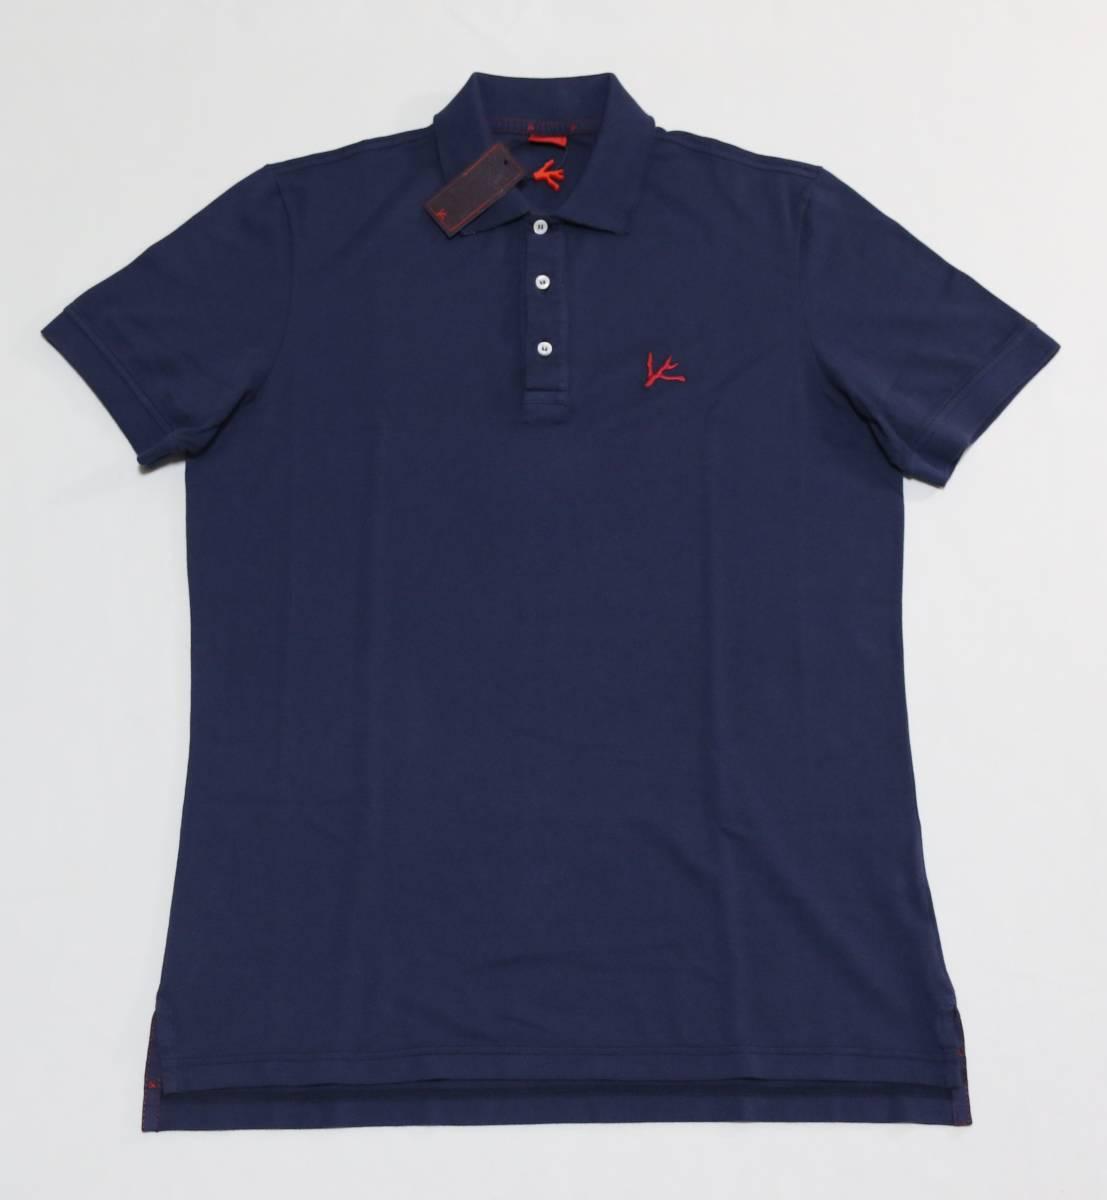 新品 ISAIA イザイア ポロシャツ サイズS ネイビー